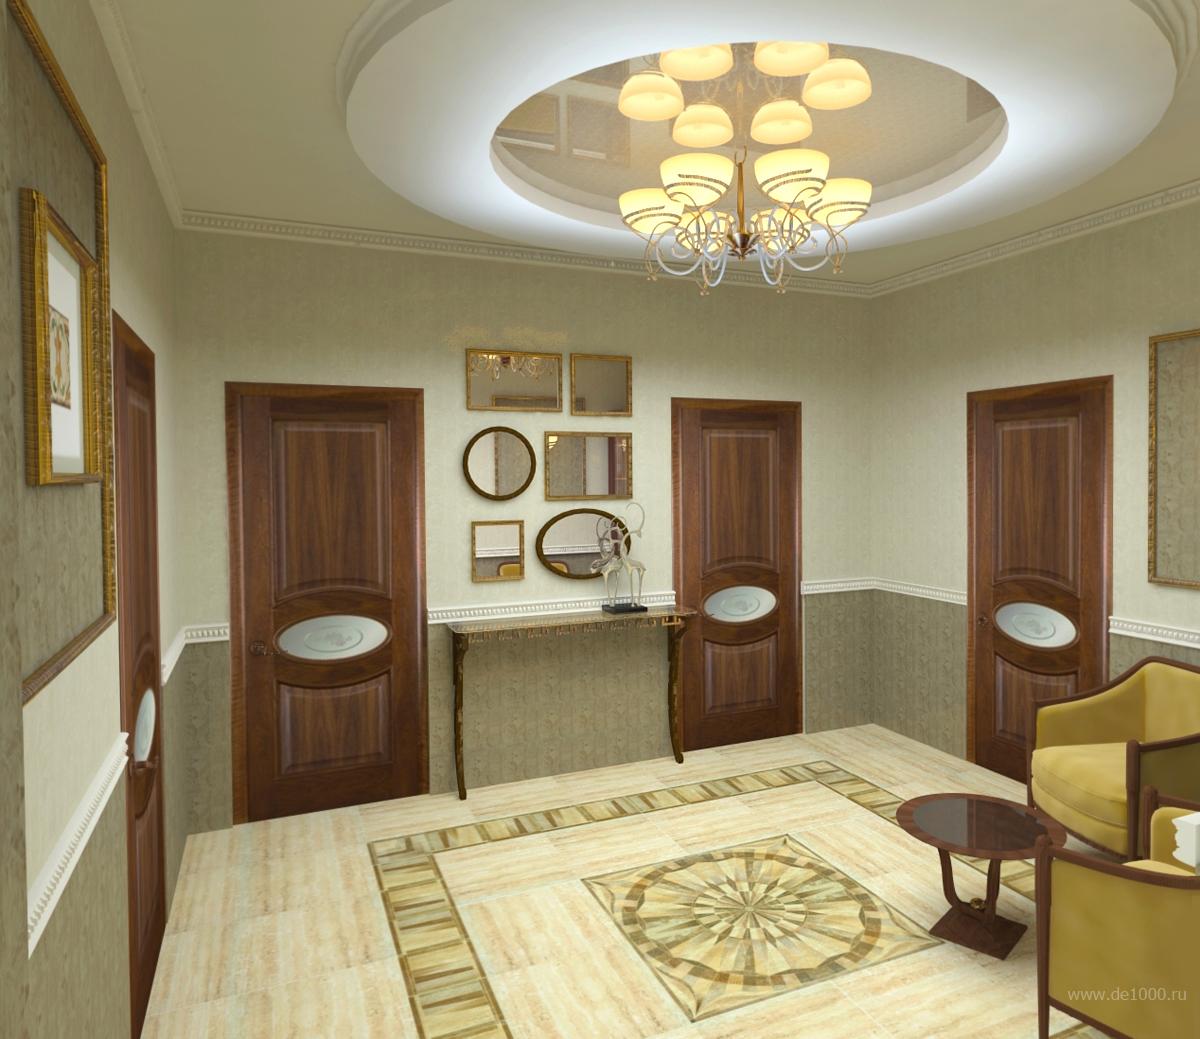 Холл. Дизайн интерьера. Трехмерная визуализация